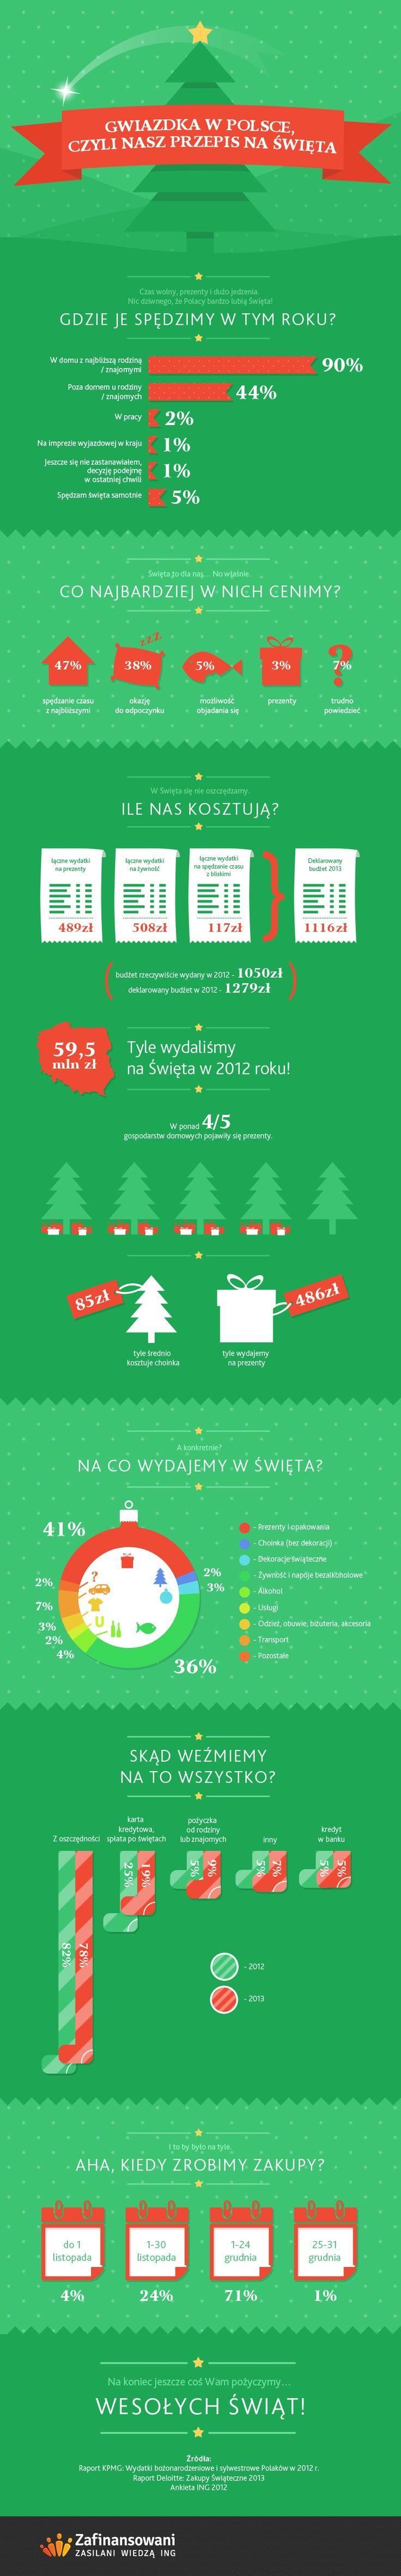 Zestawienie wydatków świątecznych  Polaków - infografika